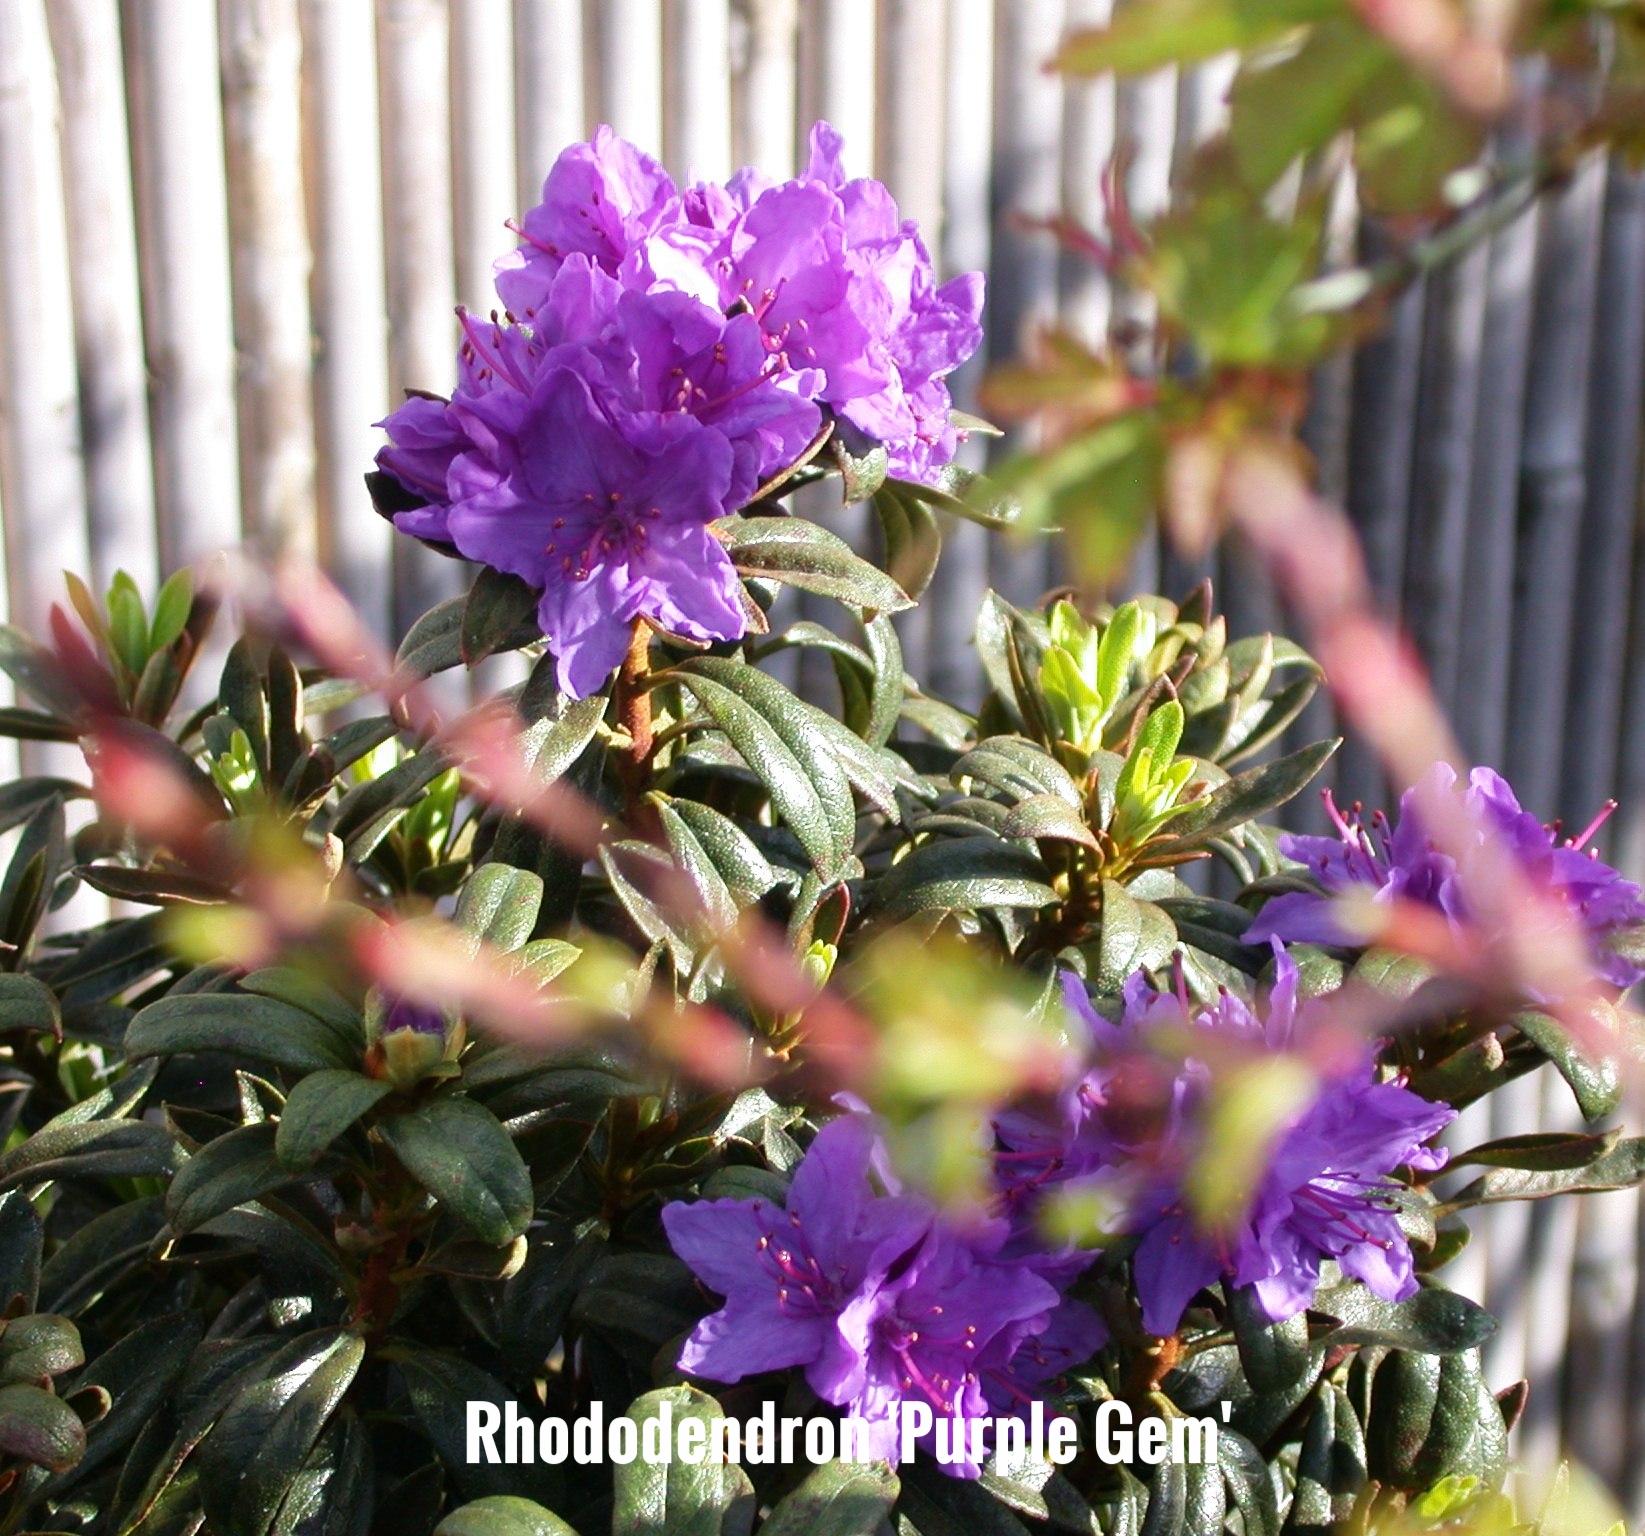 Rhododendron 'Purple Gem'